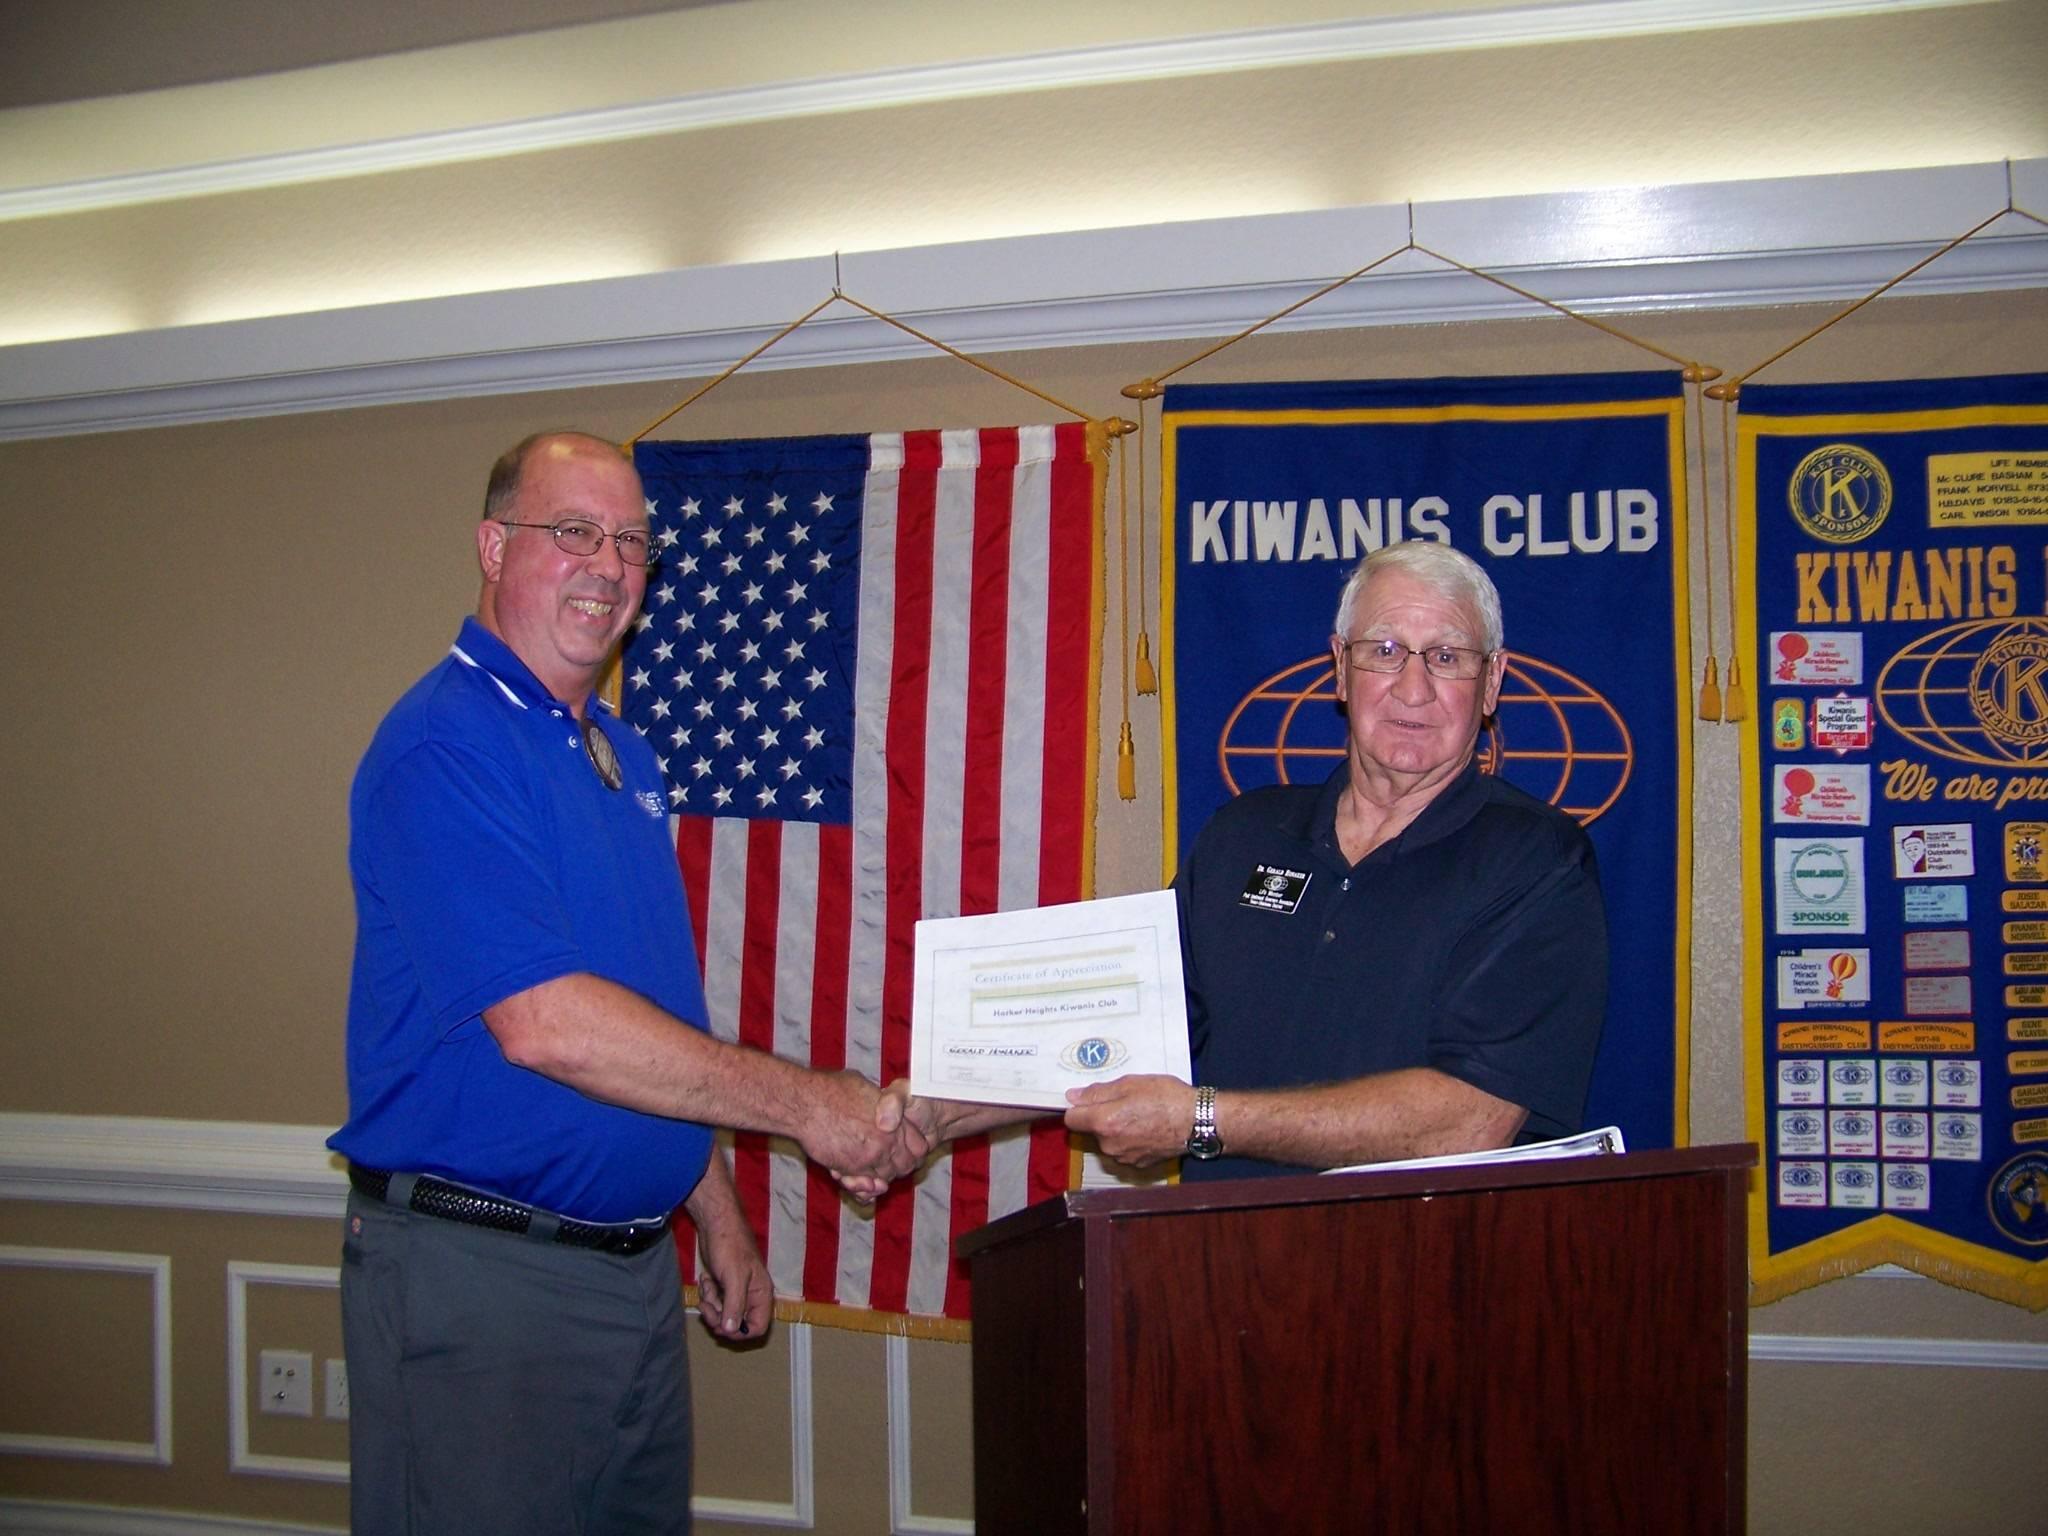 Kiwanis member Gary Honaker